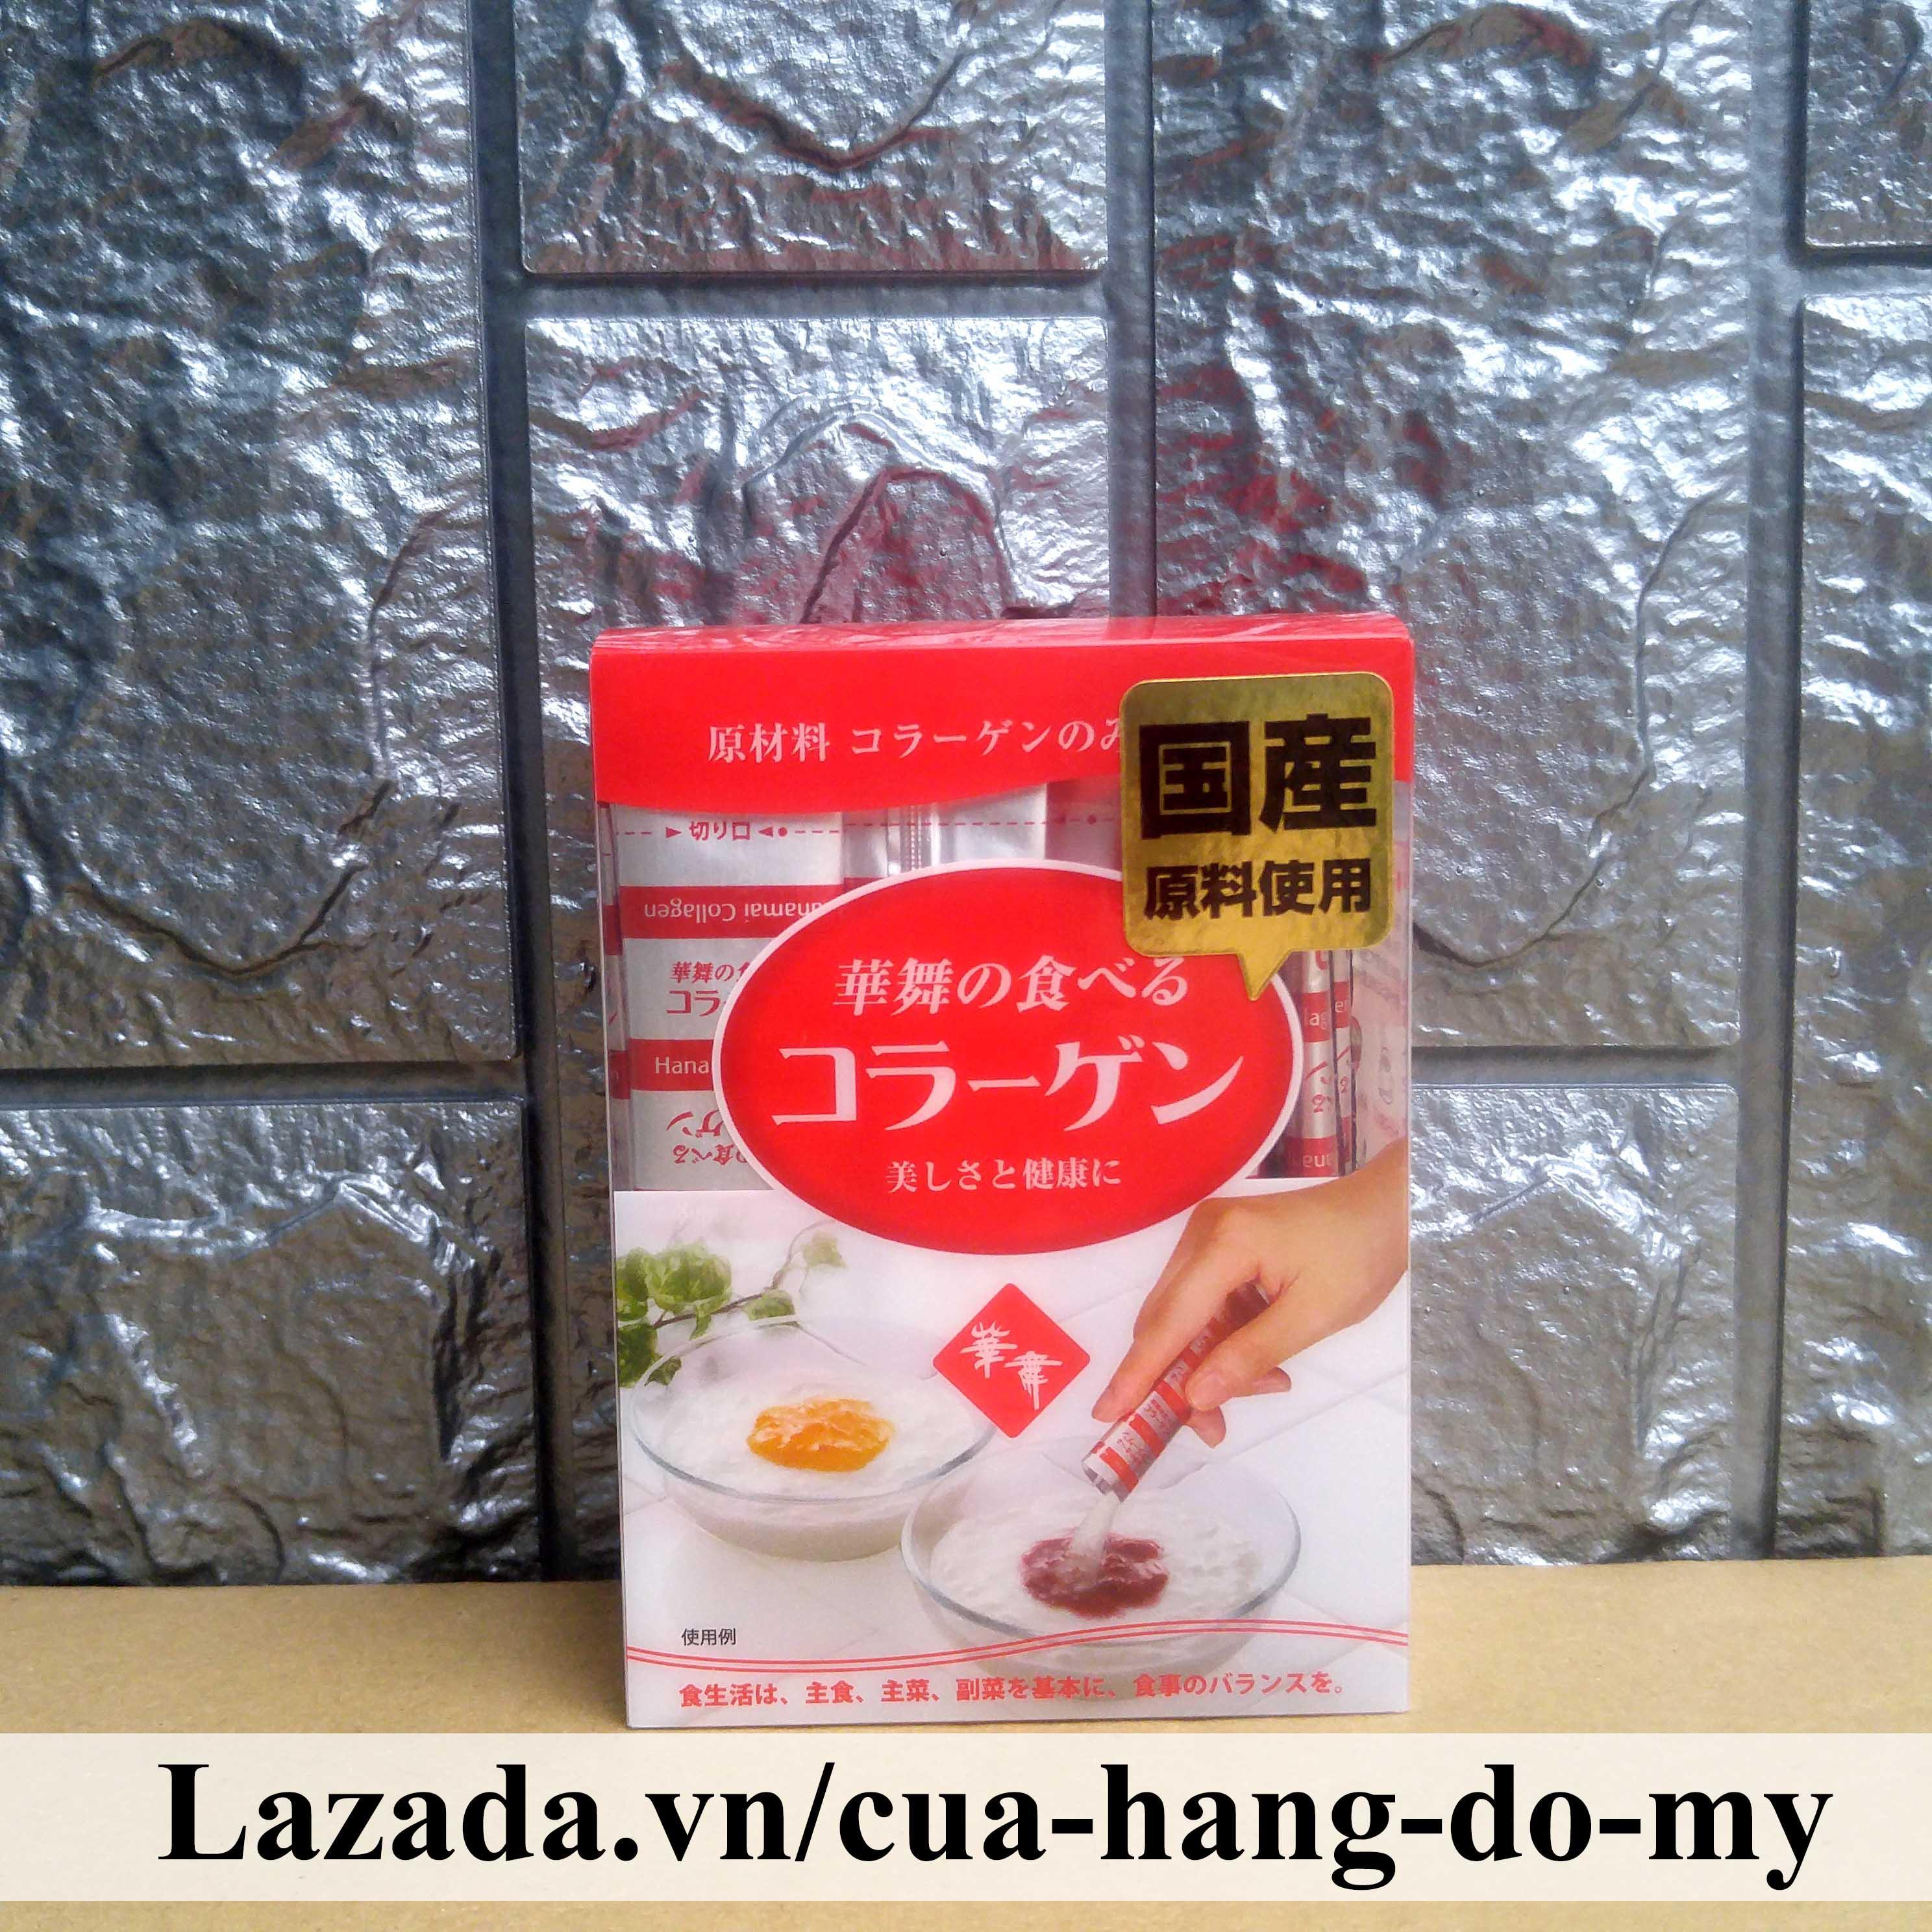 Giá Quá Tốt Để Có Bột Collagen Hanamai Tinh Chất Từ Da Heo Hanamai 30 Gói Nhỏ